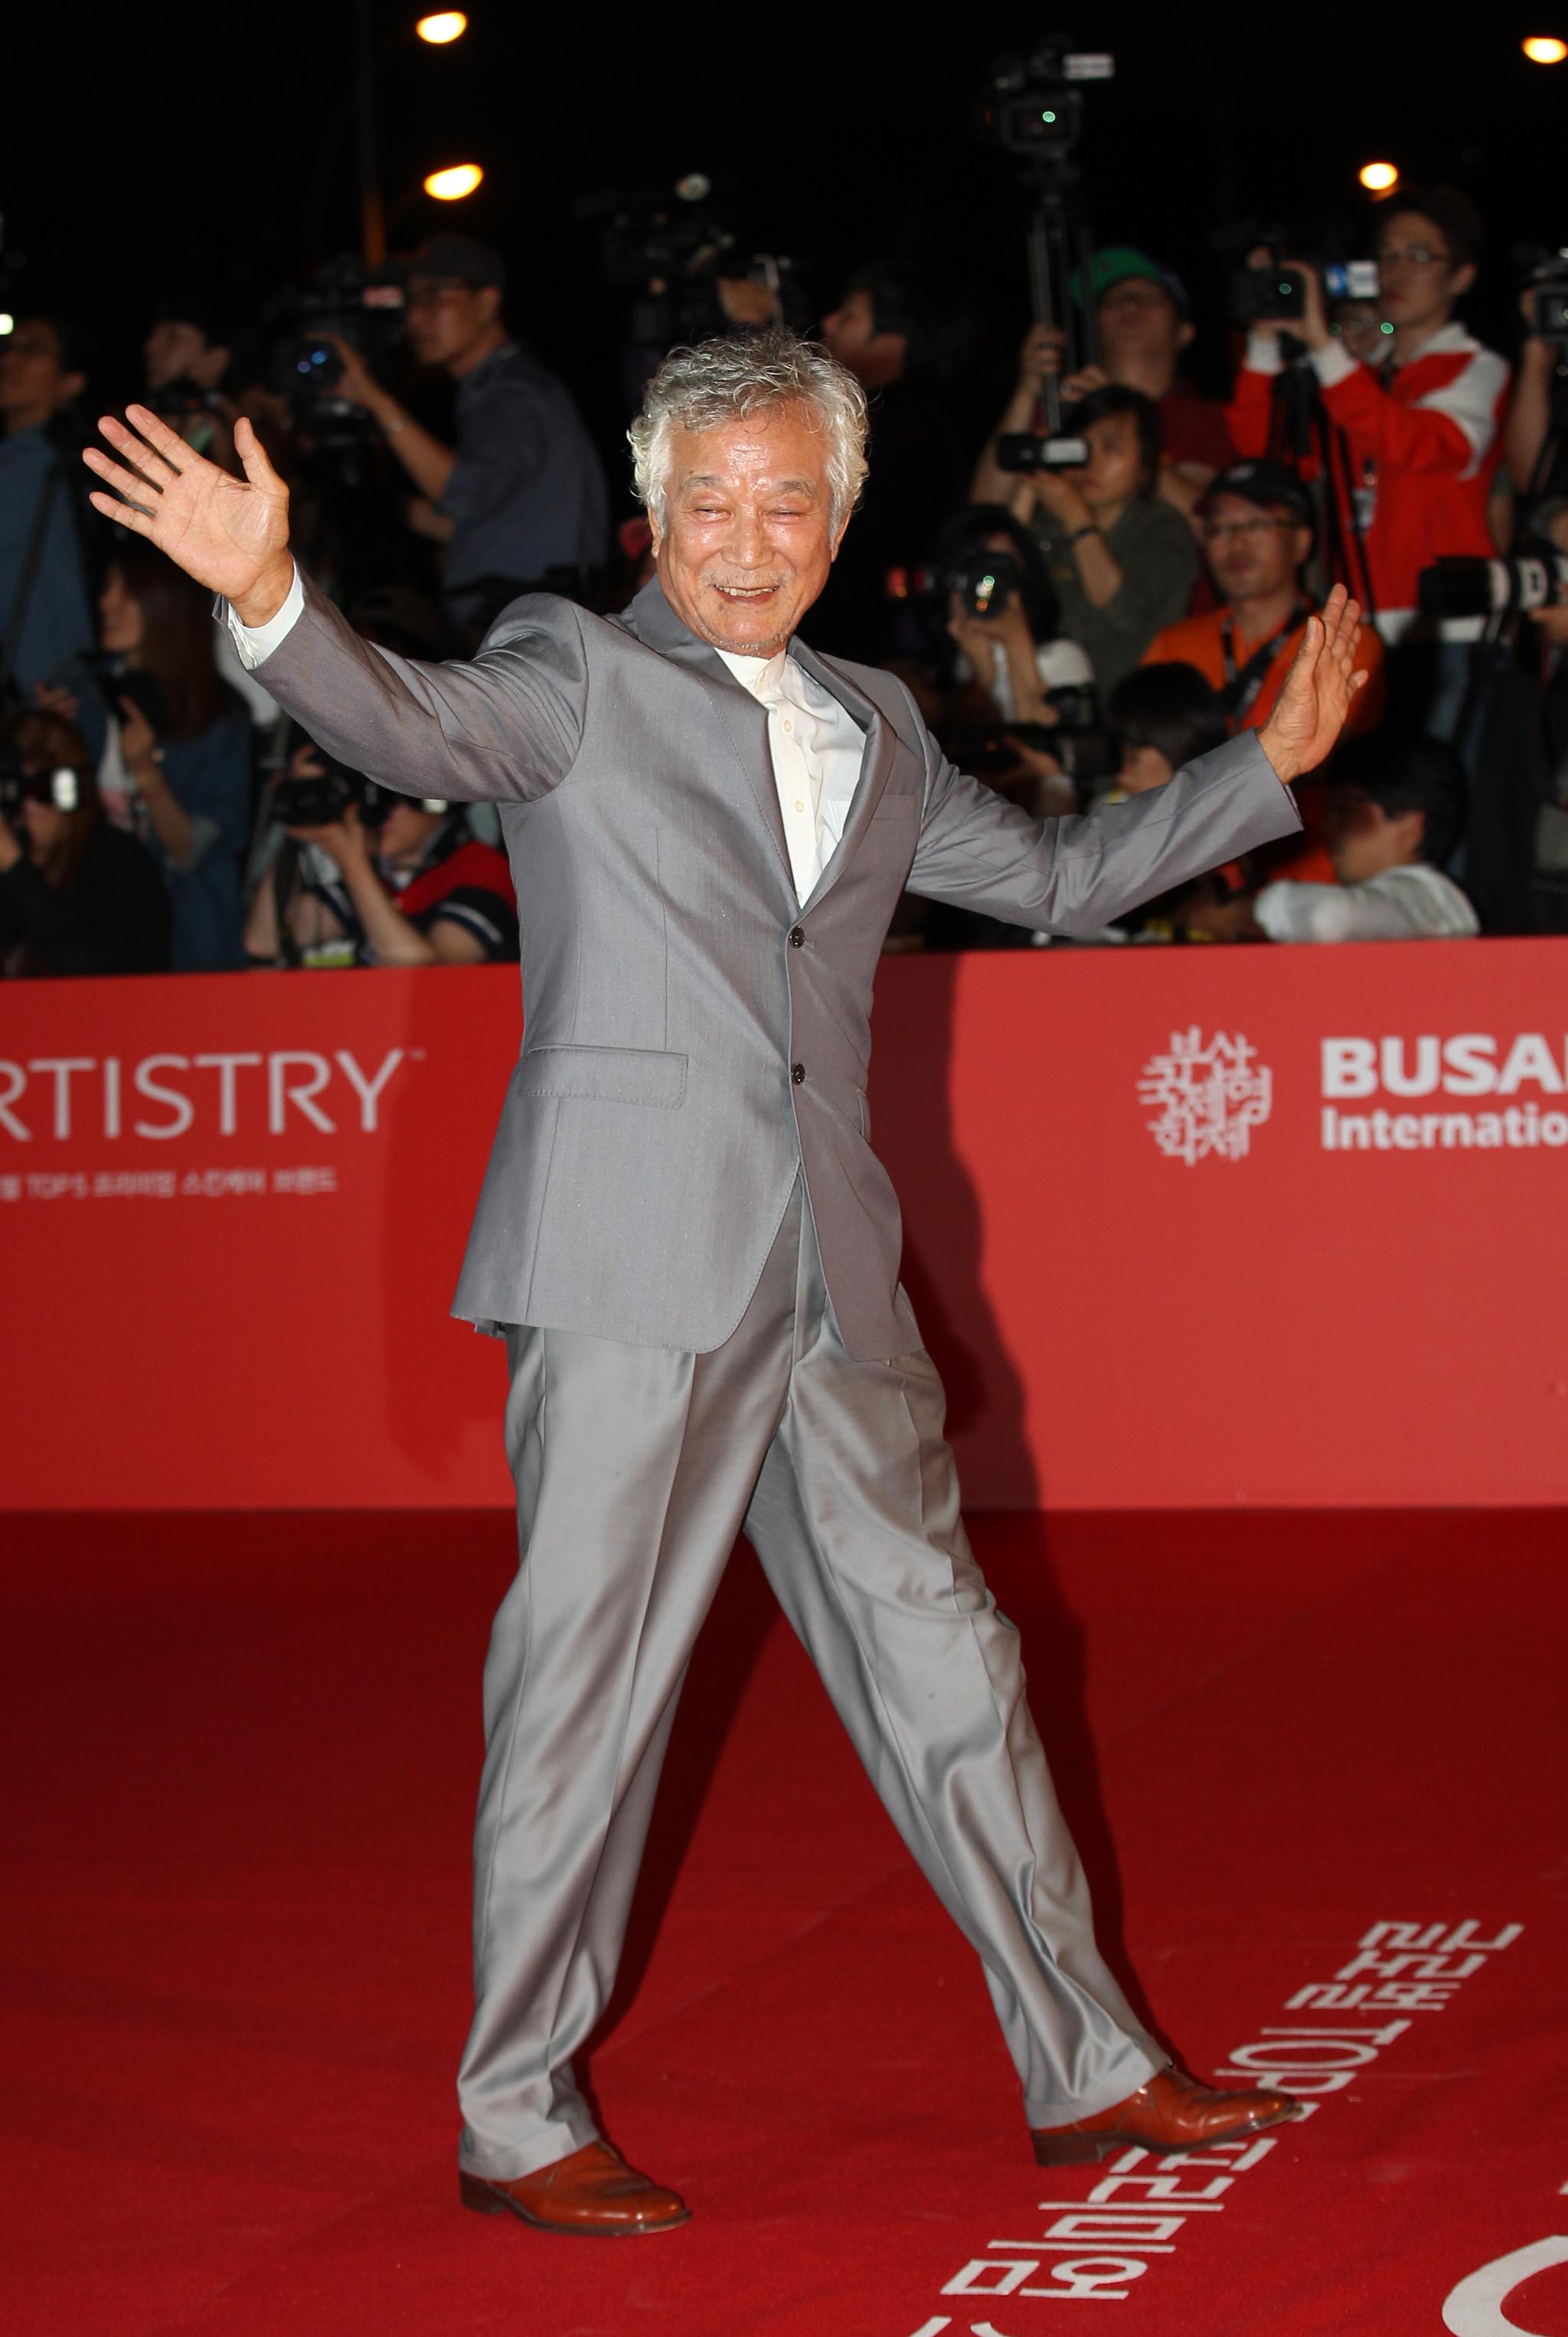 2013년 10월 3일 부산국제 영화제 개막식 레드카펫이 진행된 부산 영화의전당에서 신성일이 화려한 포즈를 취하고 있다.양광삼 기자